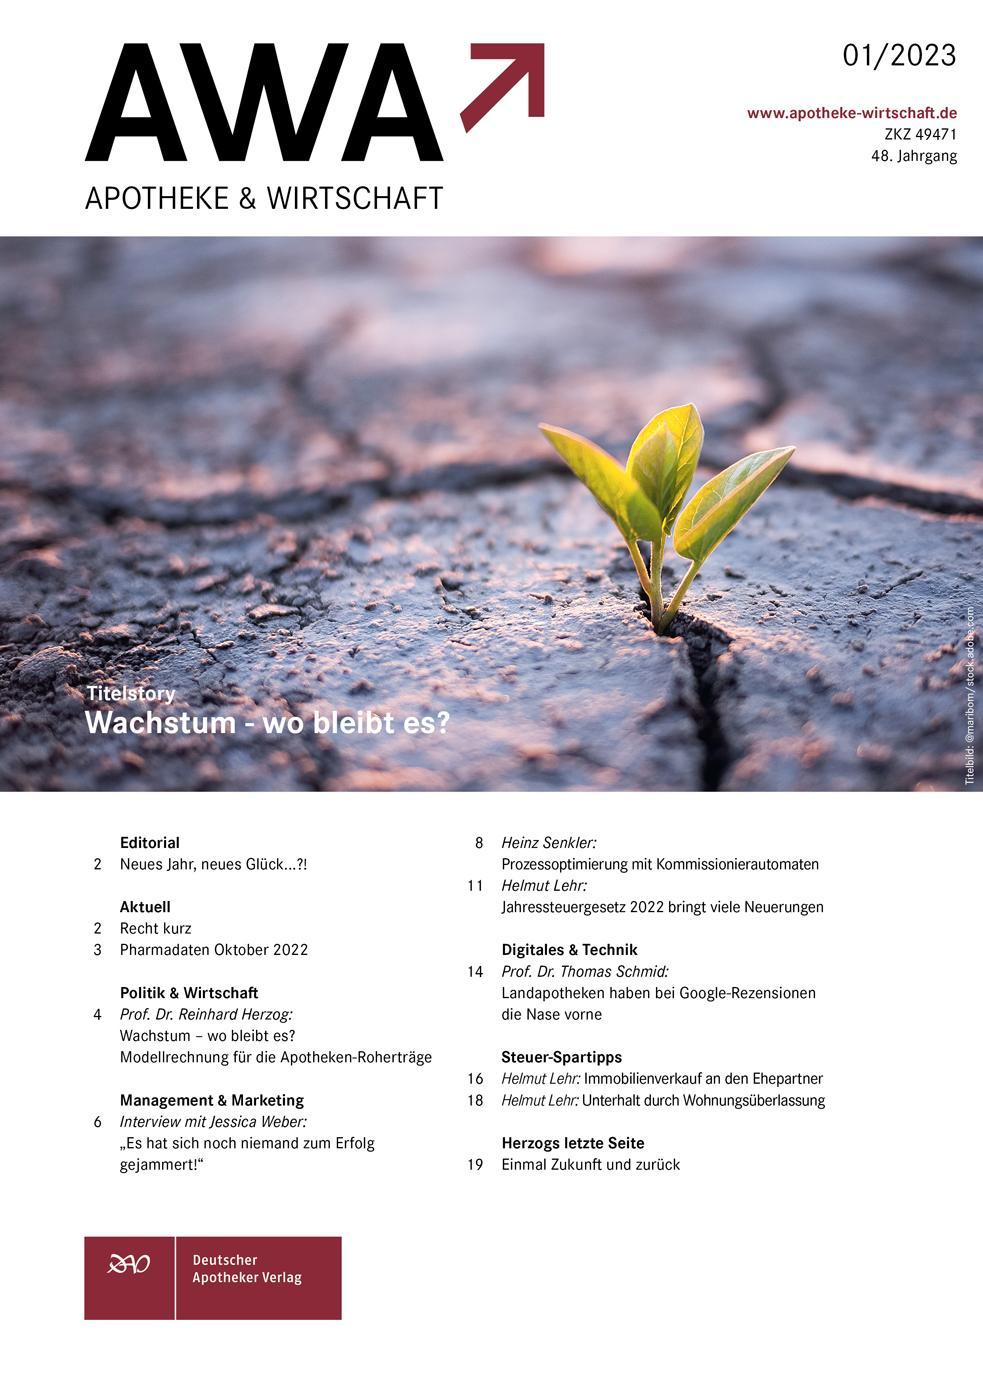 Arbeitsrecht Shop Mediengruppe Deutscher Apotheker Verlag